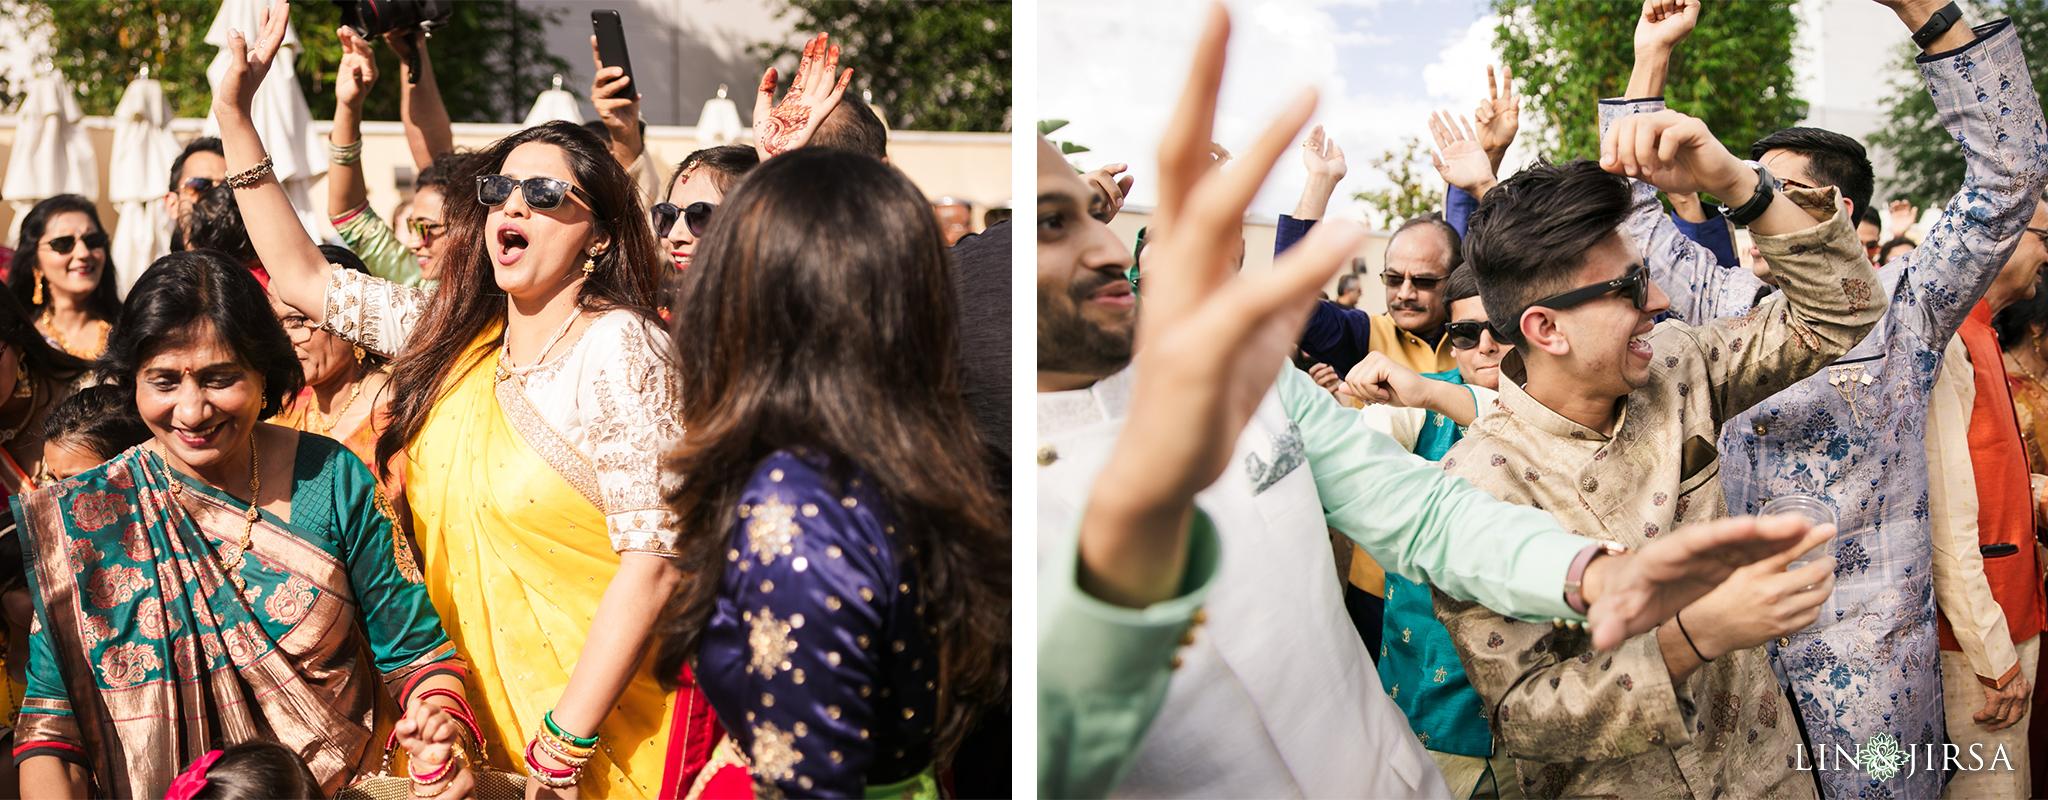 13 The Hilton Orlando Florida Indian Wedding Photography